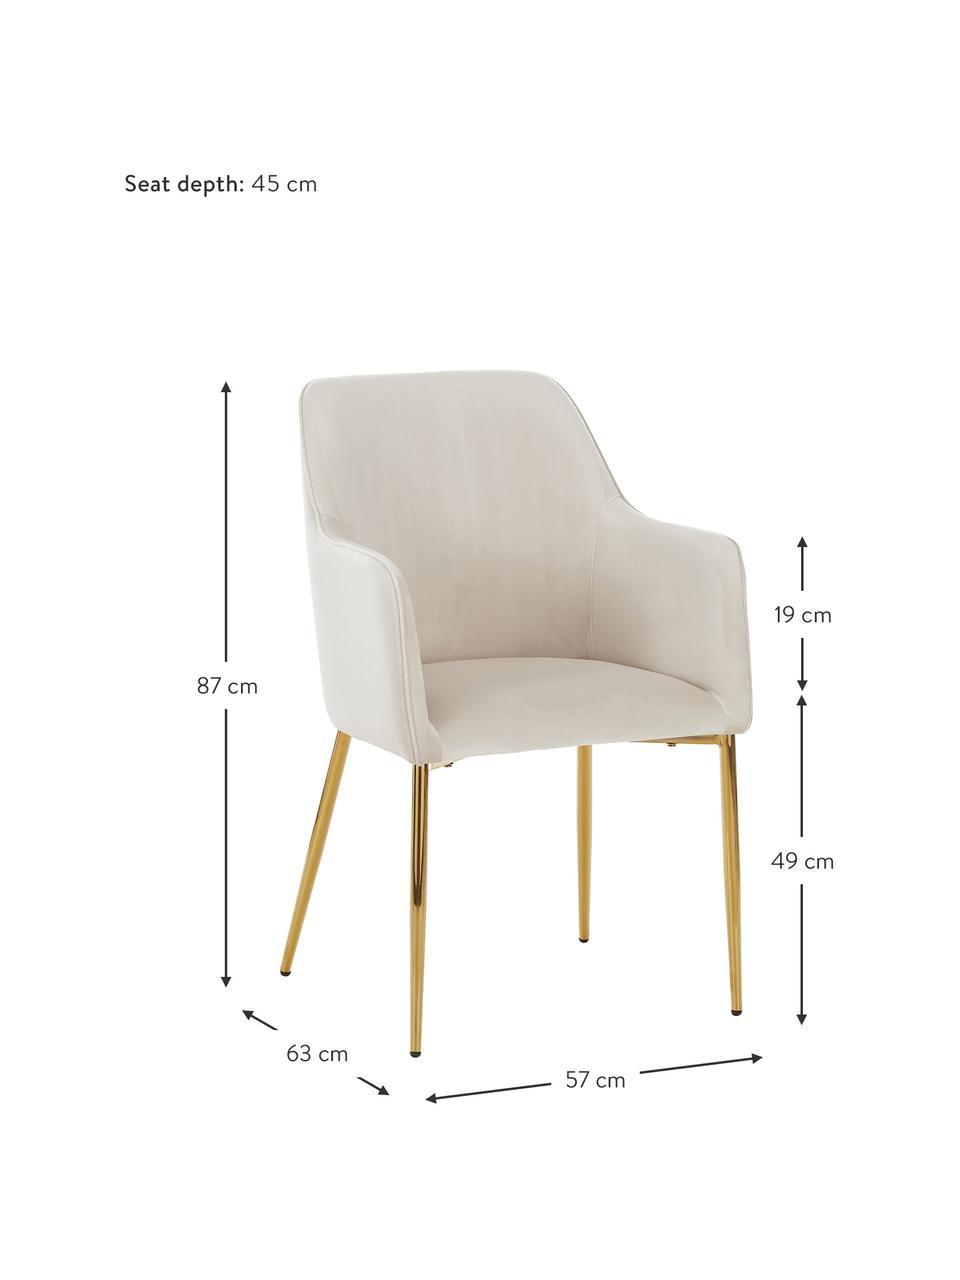 Samt-Armlehnstuhl Ava in Beige, Bezug: Samt (100% Polyester) Der, Beine: Metall, Samt Beige, B 57 x T 63 cm